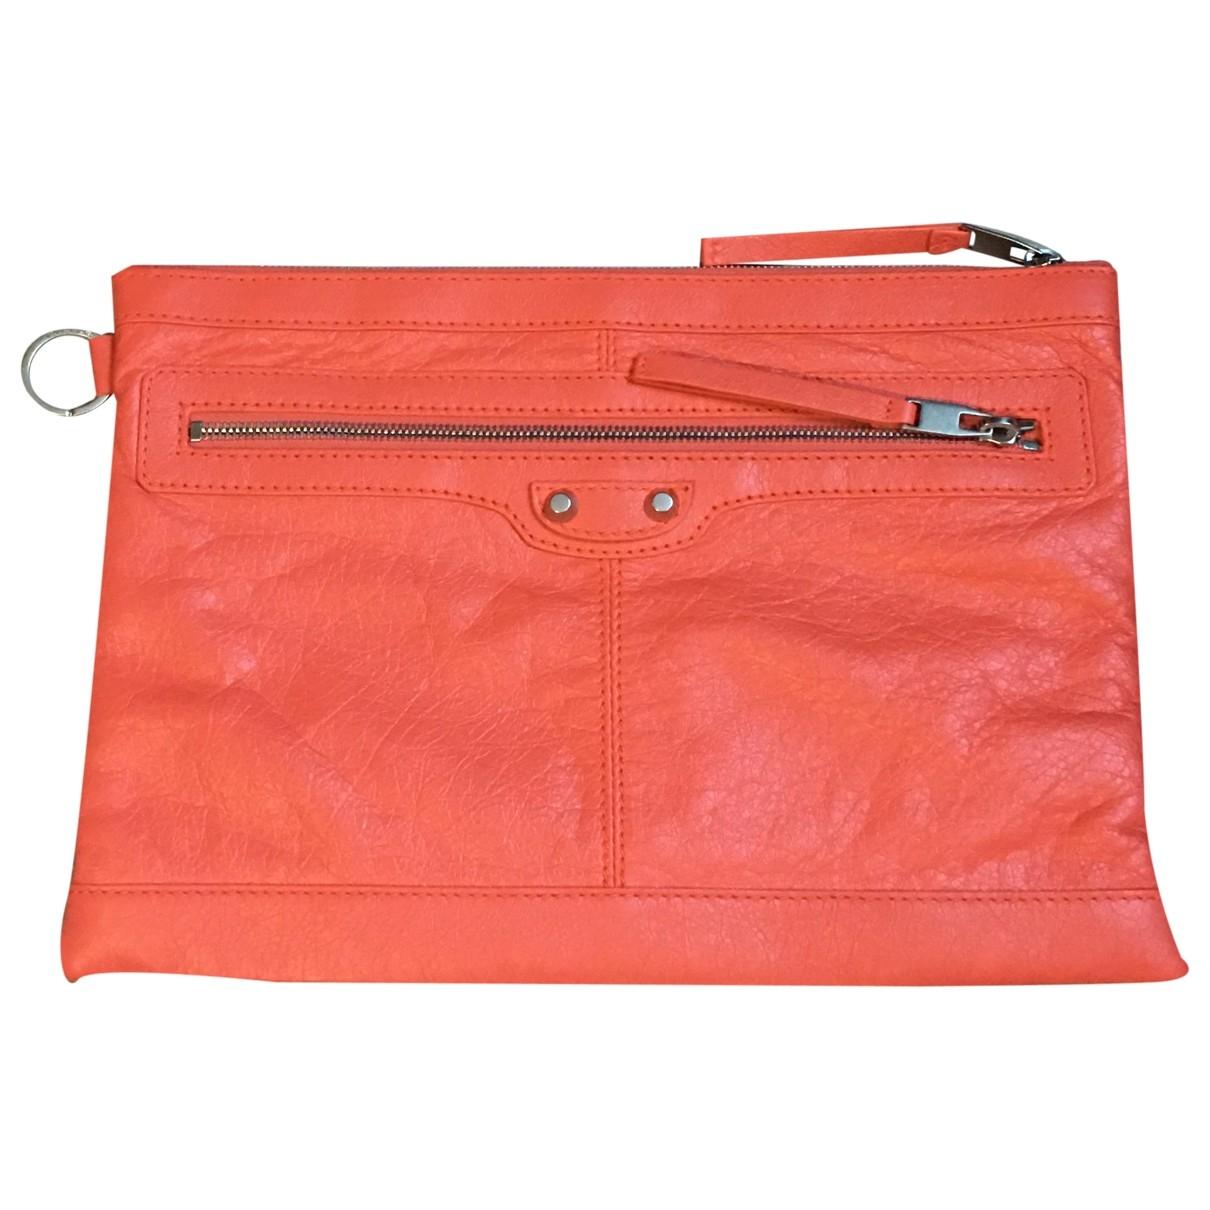 Balenciaga City Orange Leather Clutch bag for Women \N